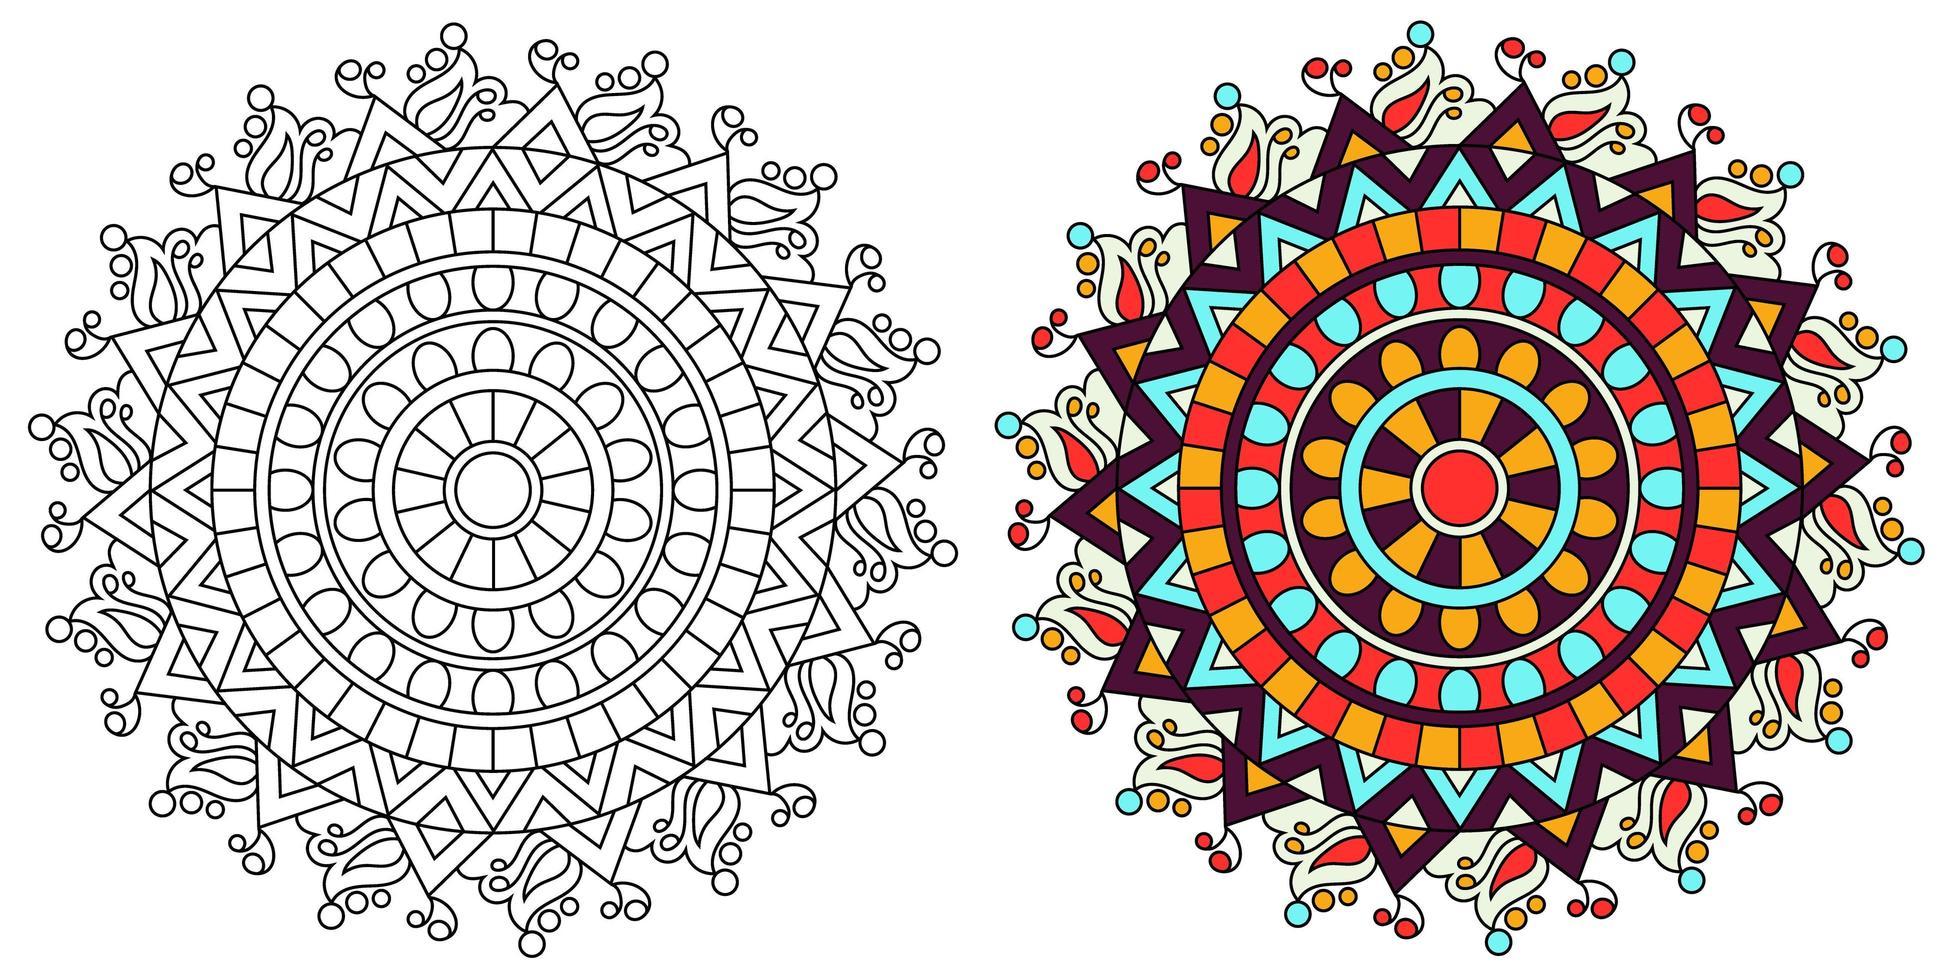 página de livro para colorir desenho de mandala colorida ornamental vetor